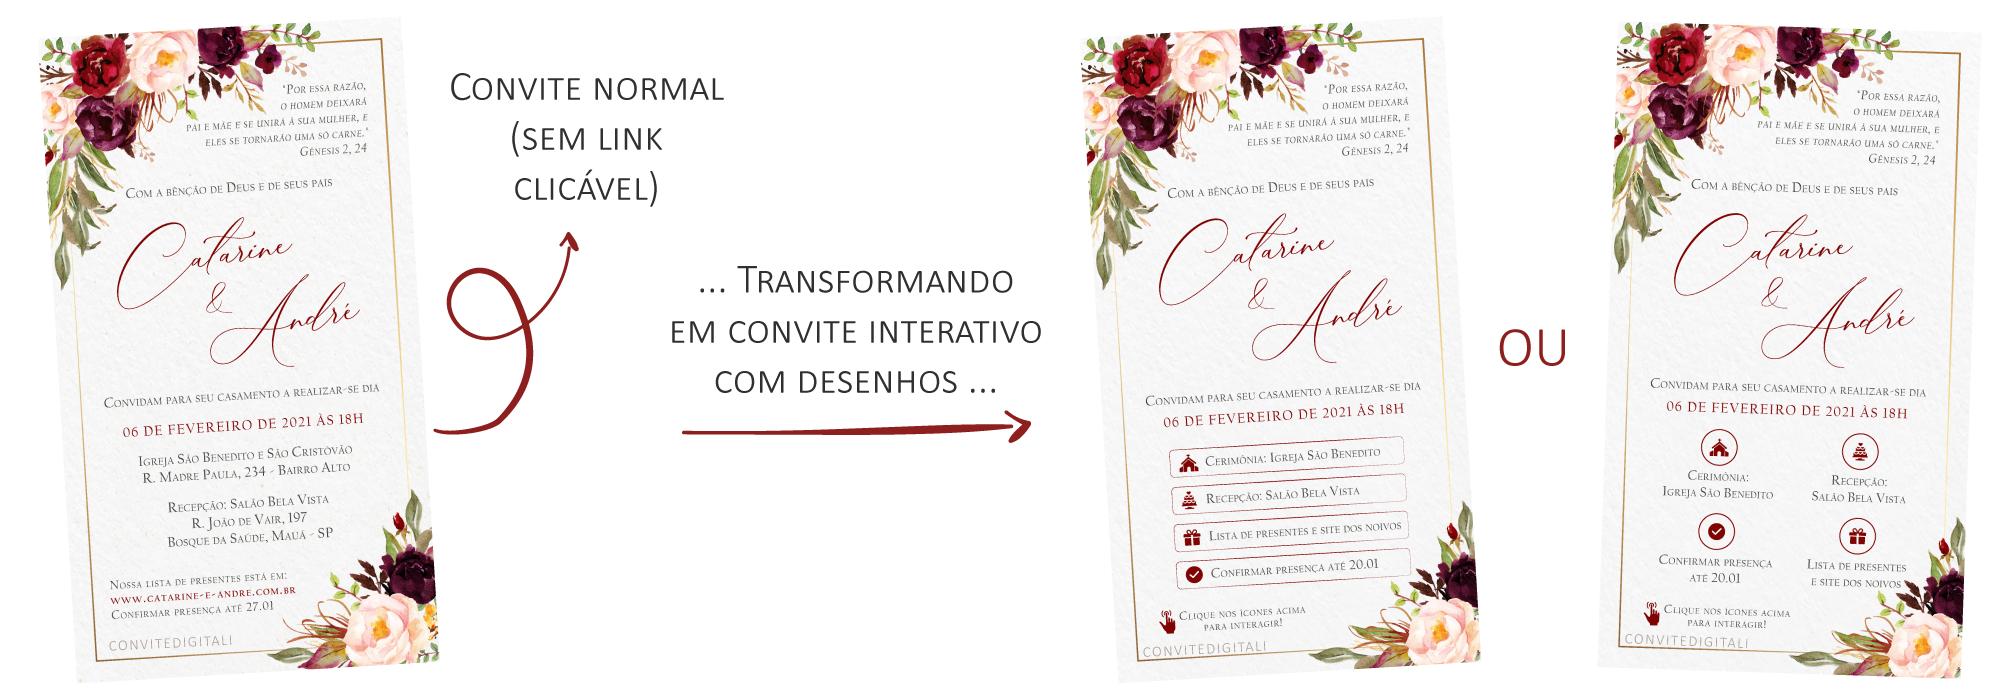 convite-digital-interativo-com-link-clicavel